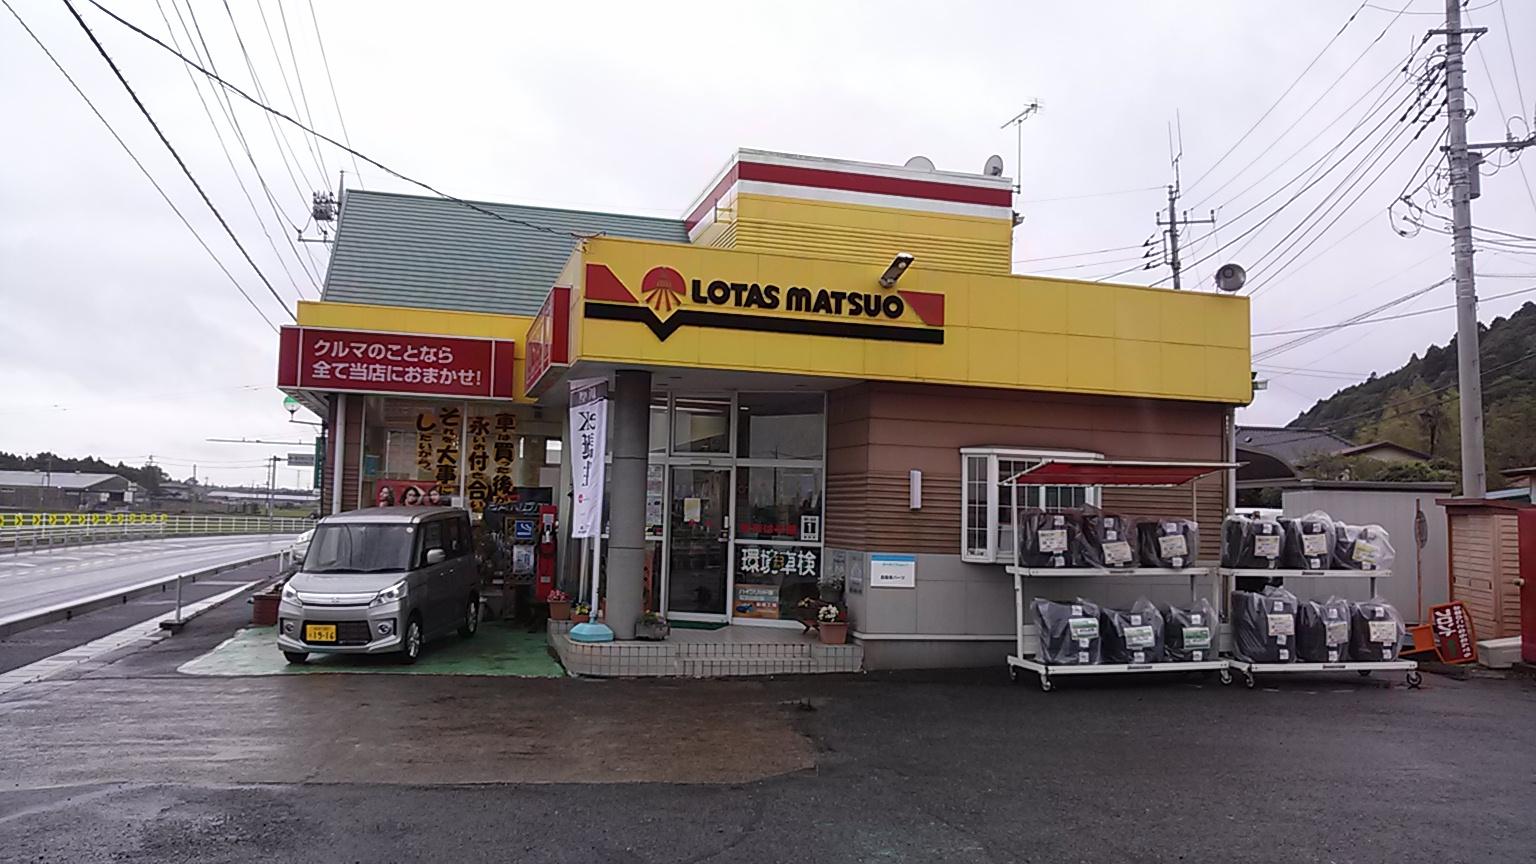 (有)松尾商会 ロータスマツオ